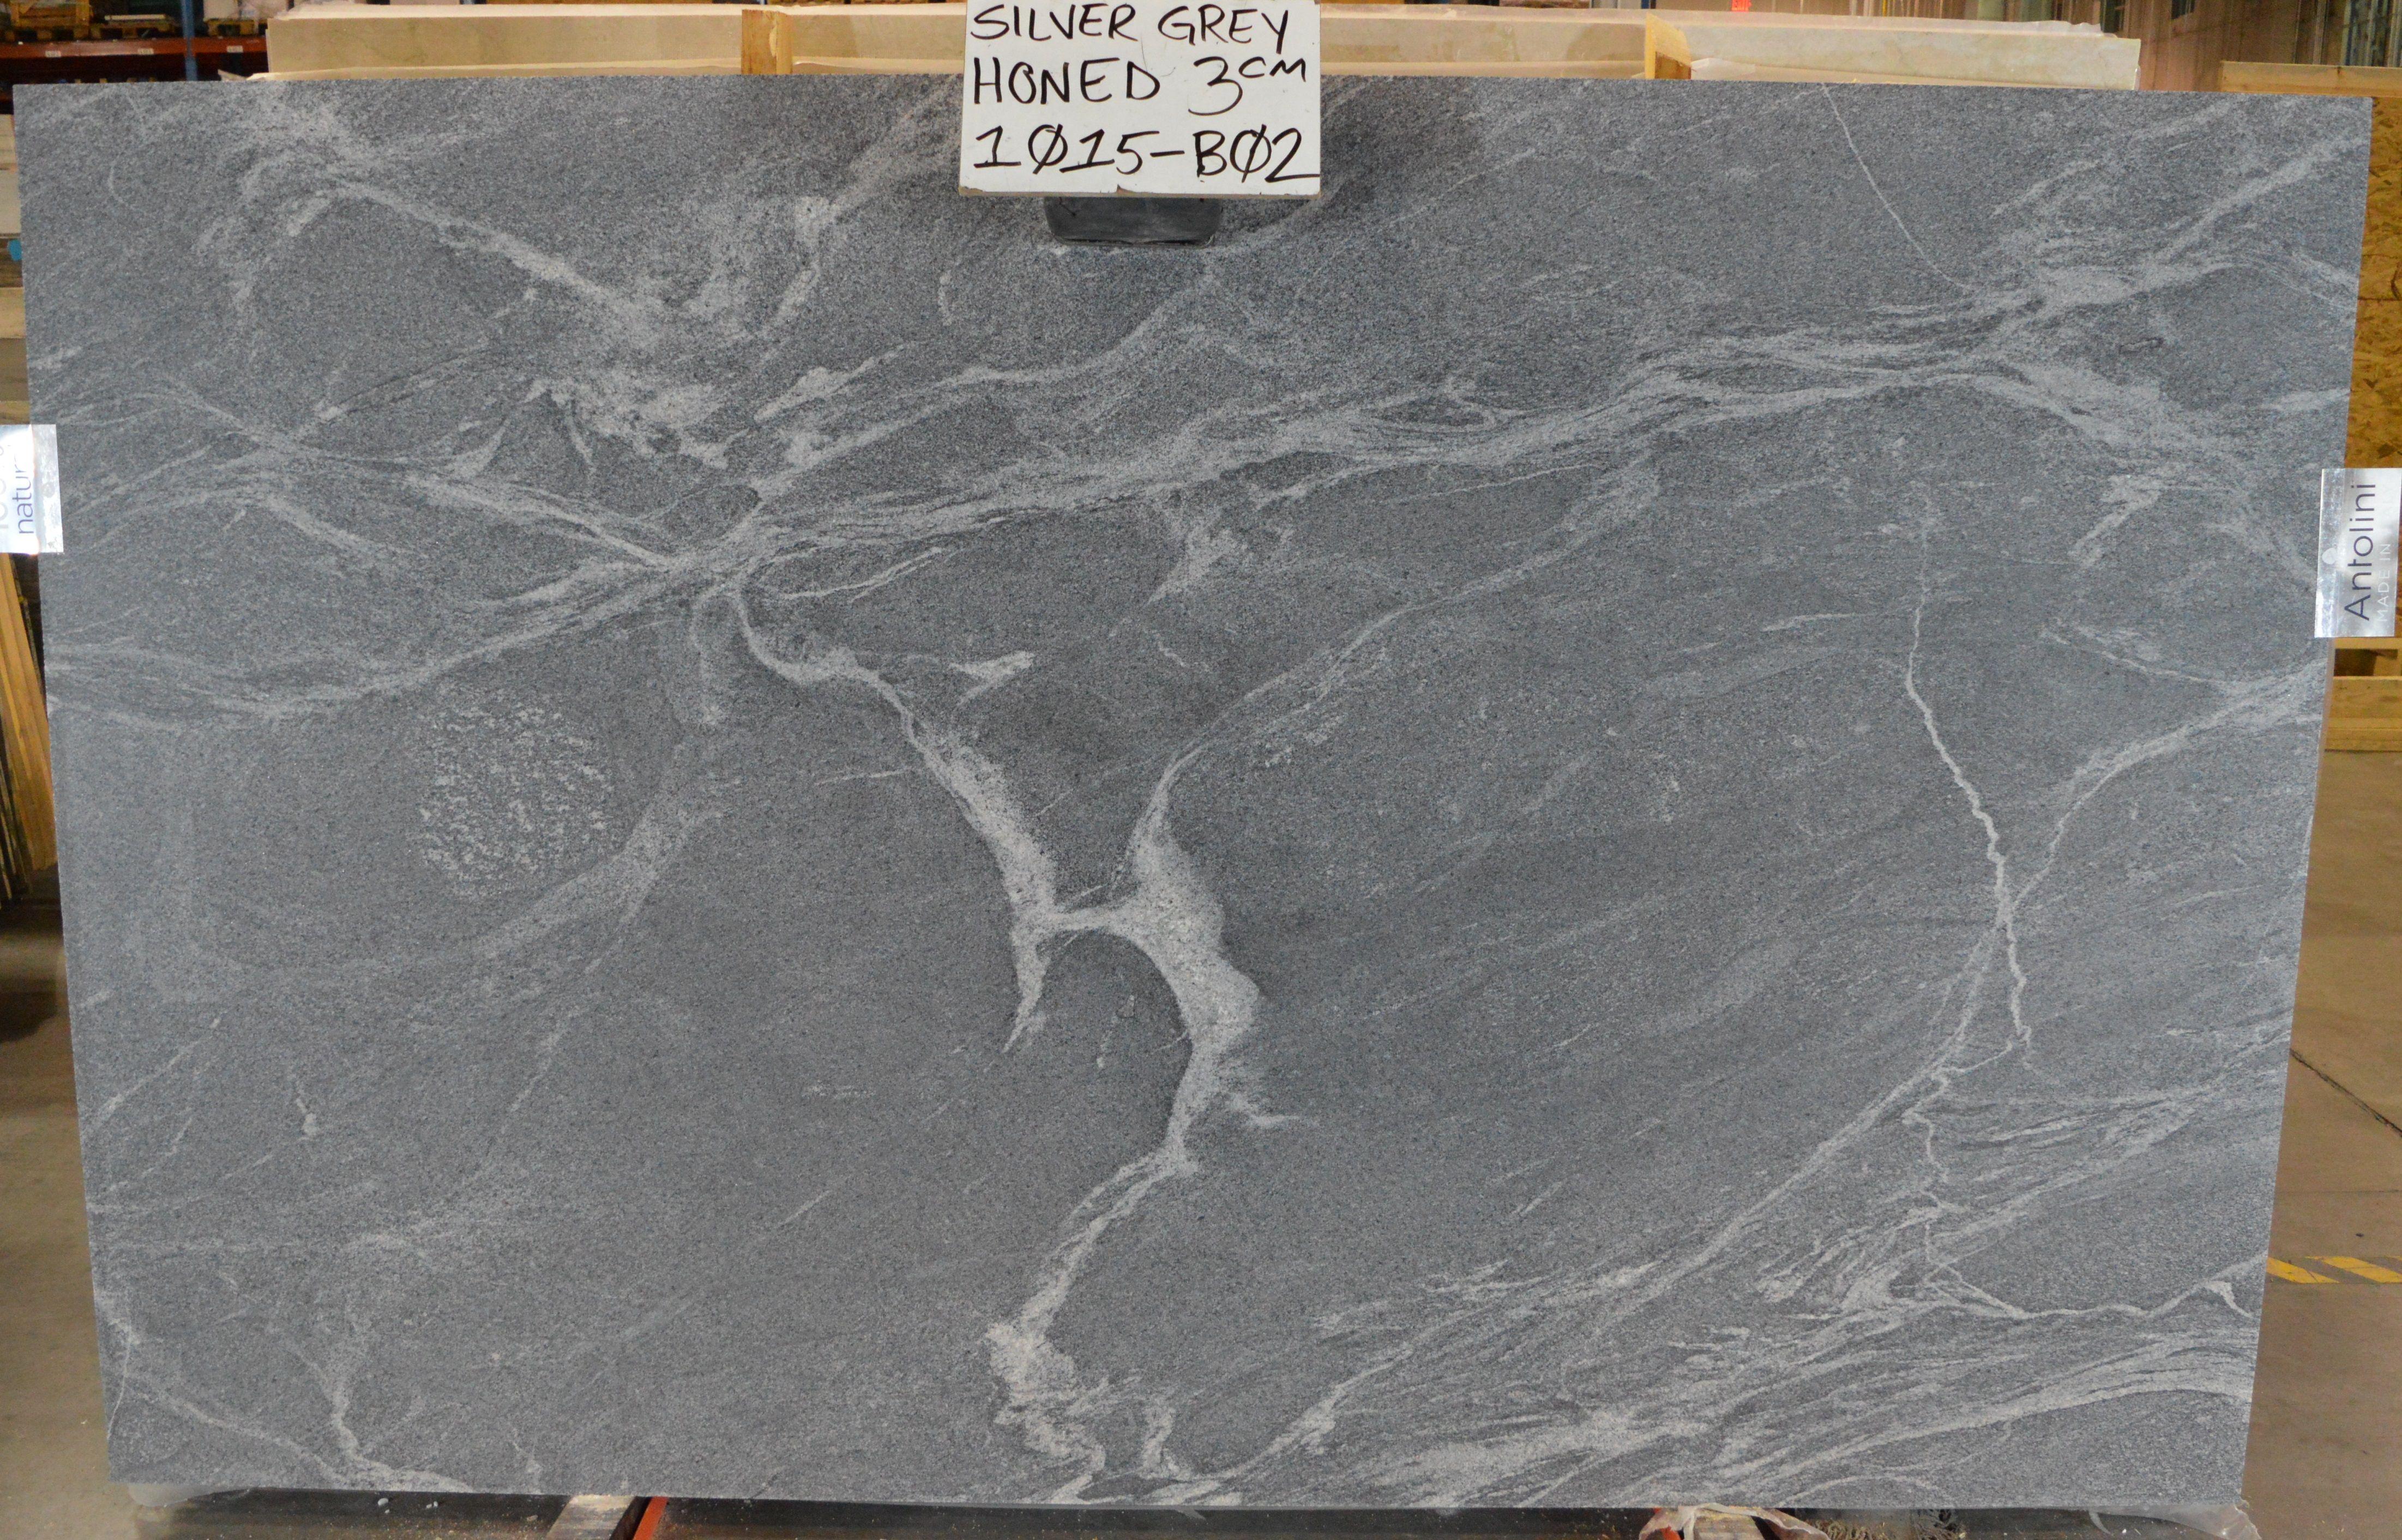 Silver Grey Granite Honed Honed Granite Countertops Honed Granite Grey Granite Countertops